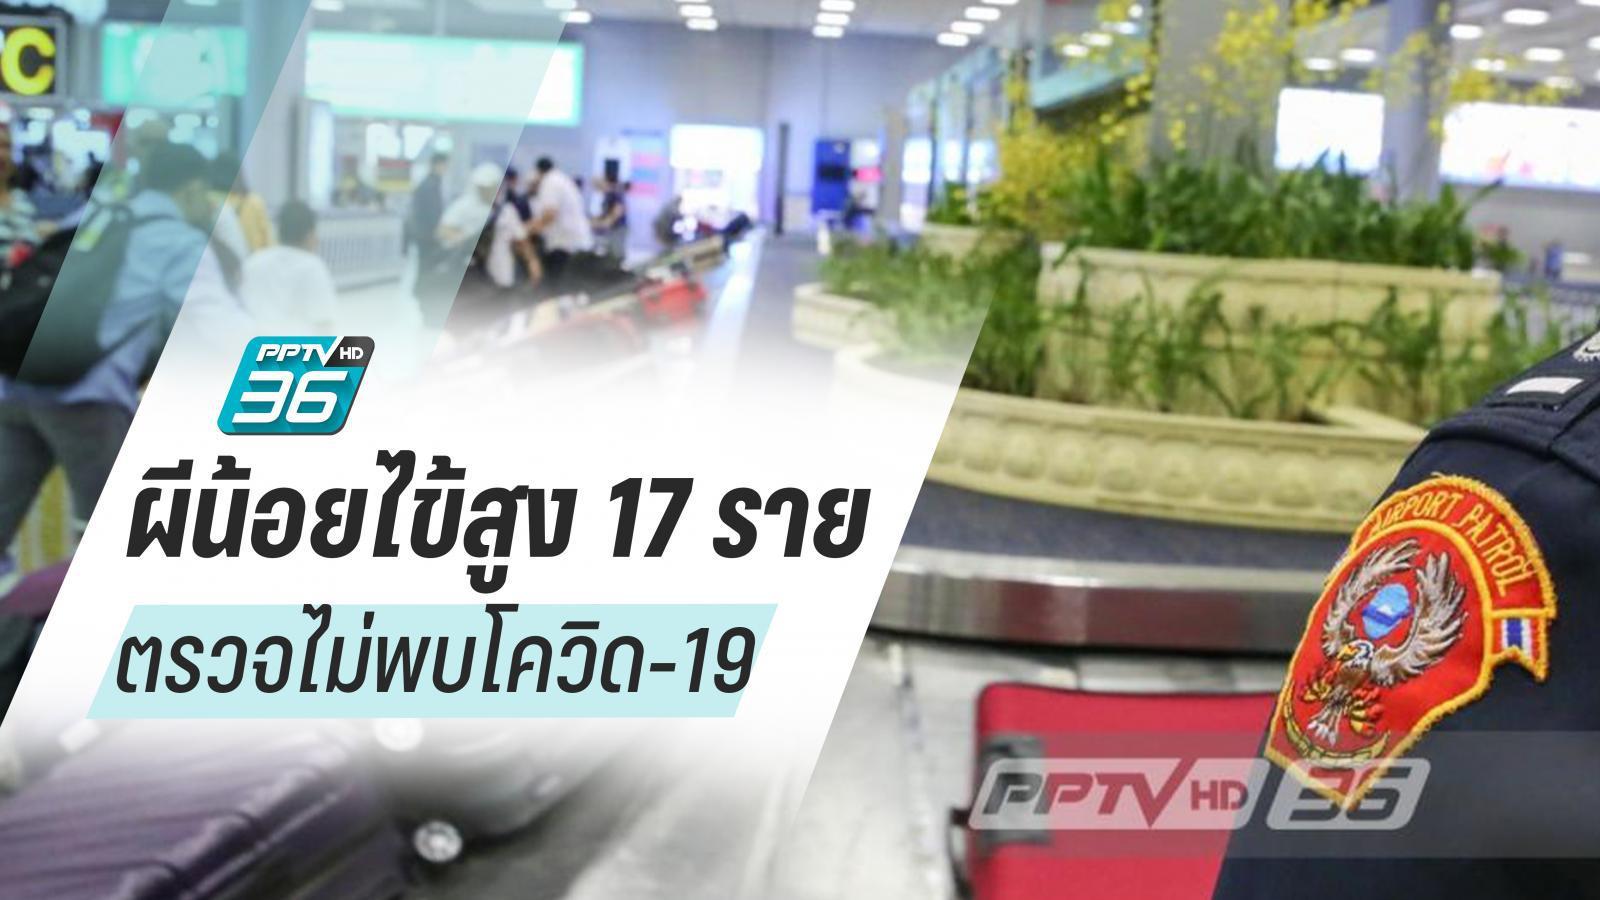 """""""ผีน้อย""""กลับไทย 158 ราย มีไข้สูง 17 ราย ตรวจไม่พบเชื้อโควิด-19"""